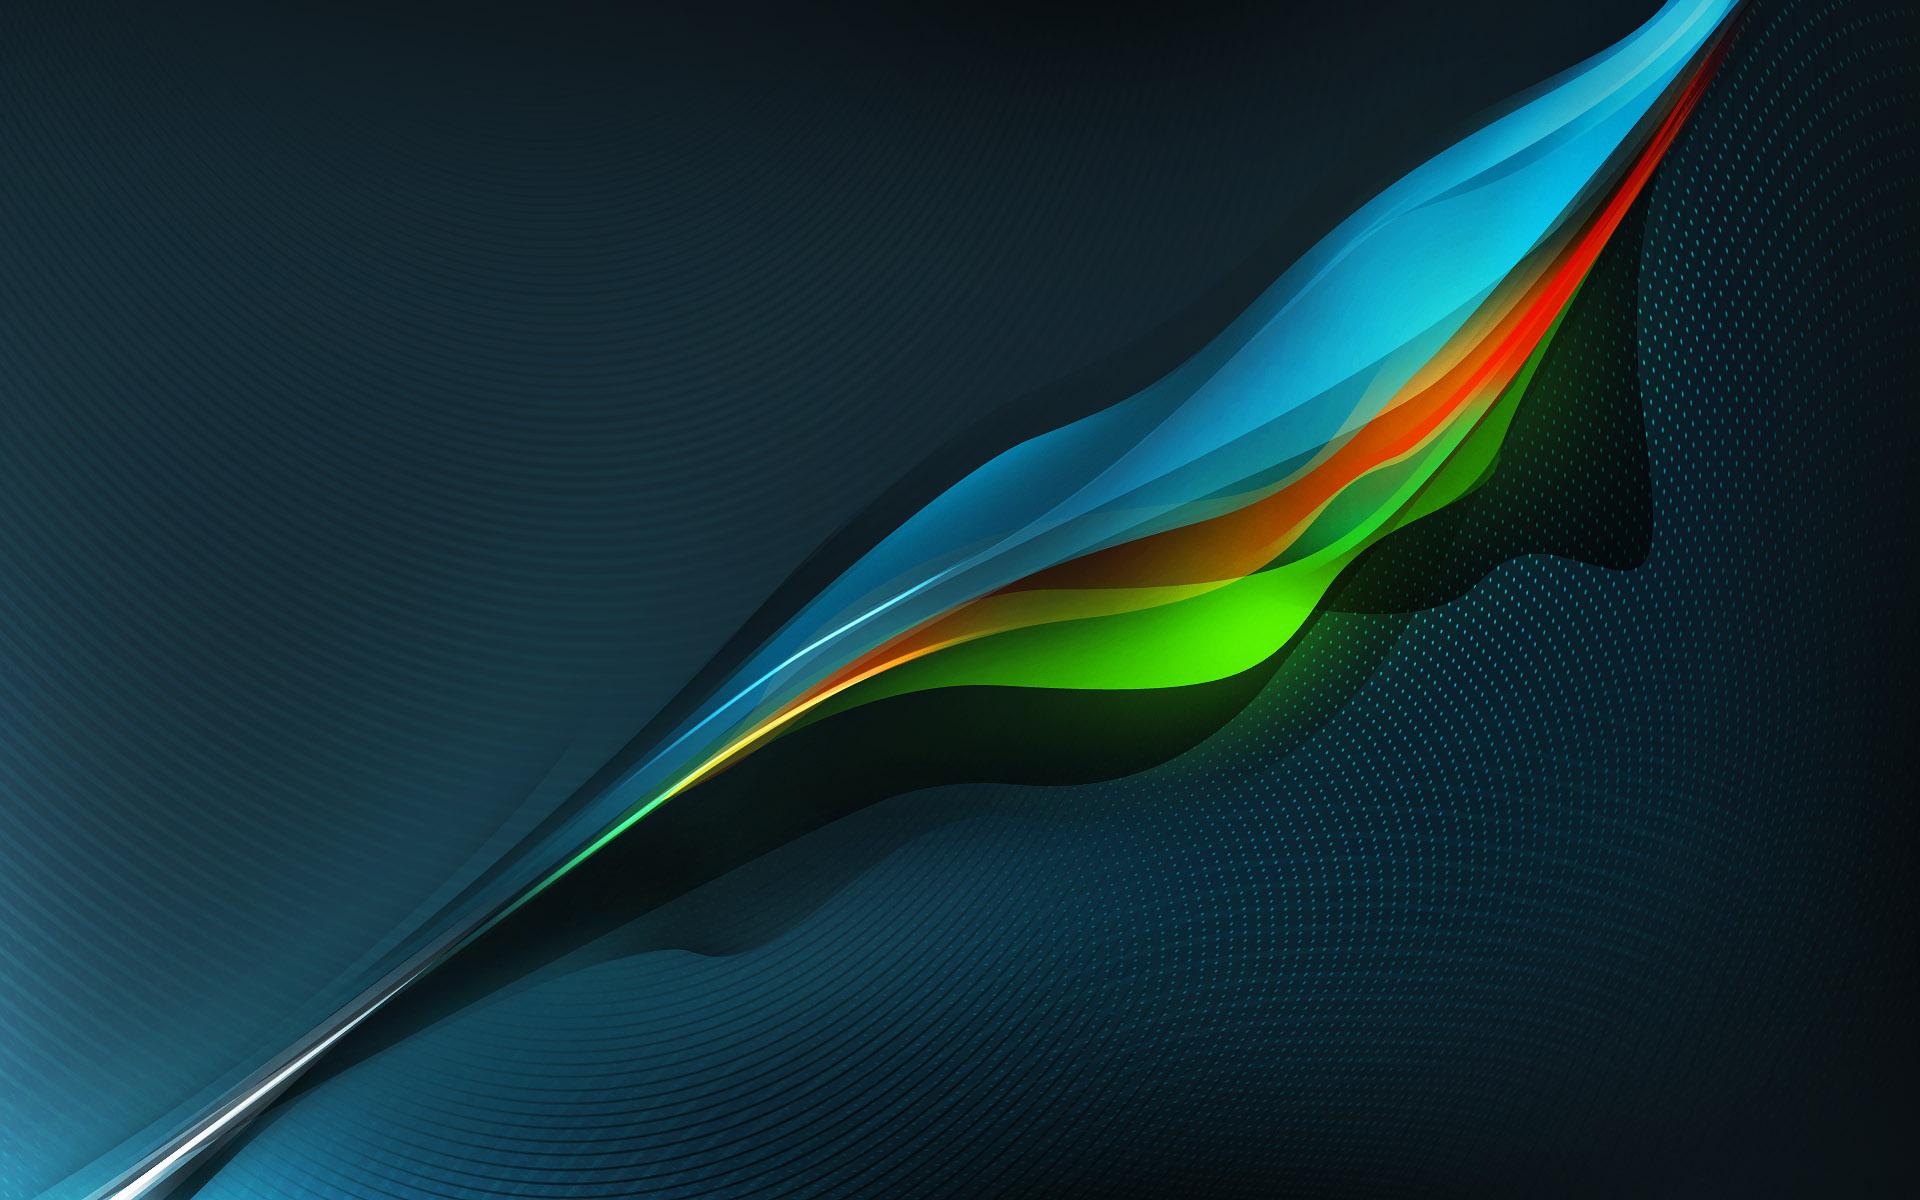 Green Abstract HD Widescreen Wallpupcom 1920x1200